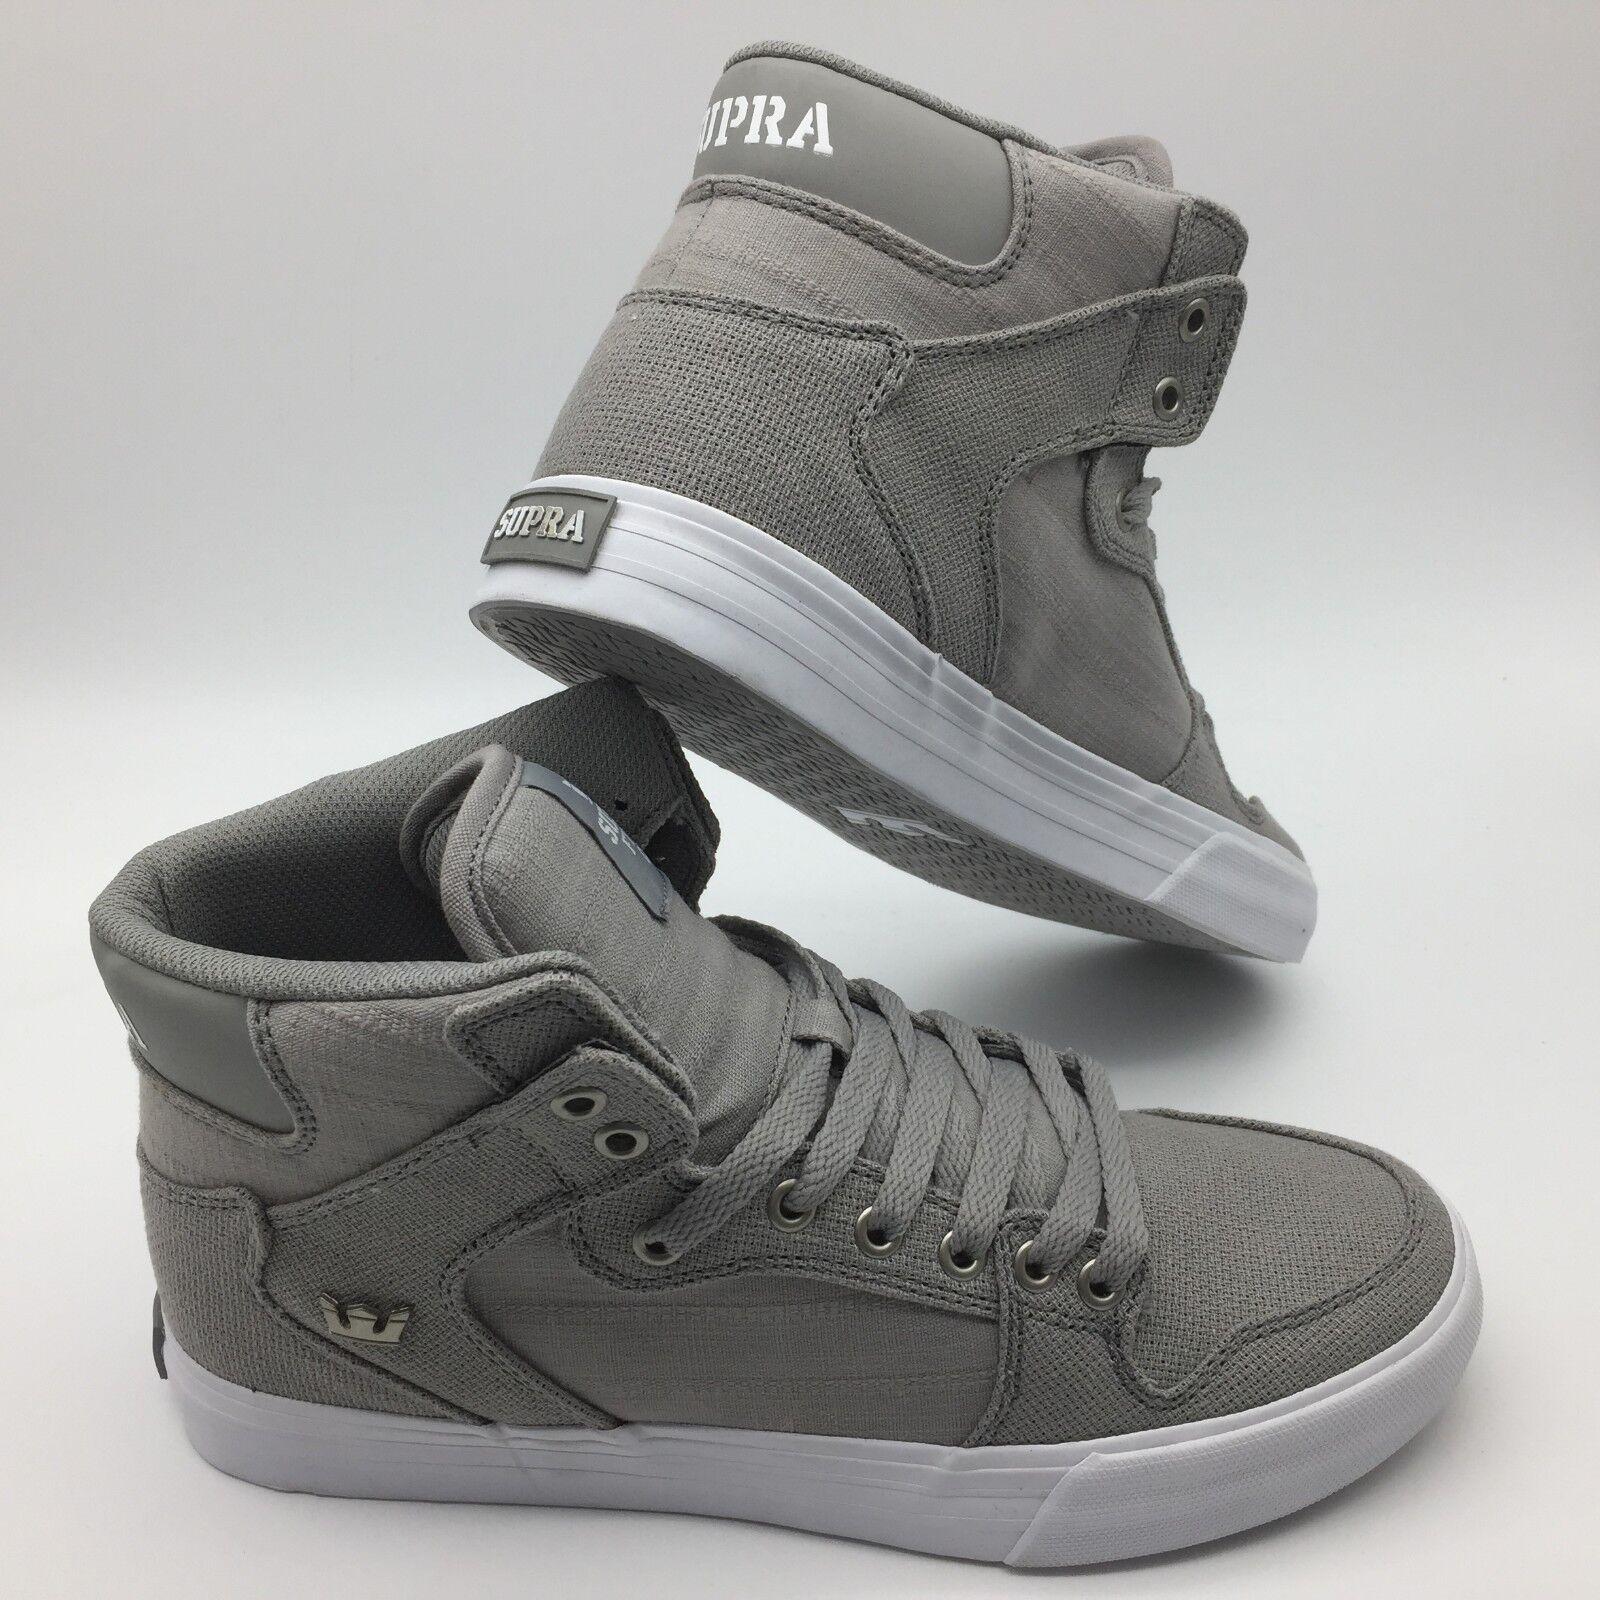 Supra Hombre Zapatos (Vaider) gris blancooo